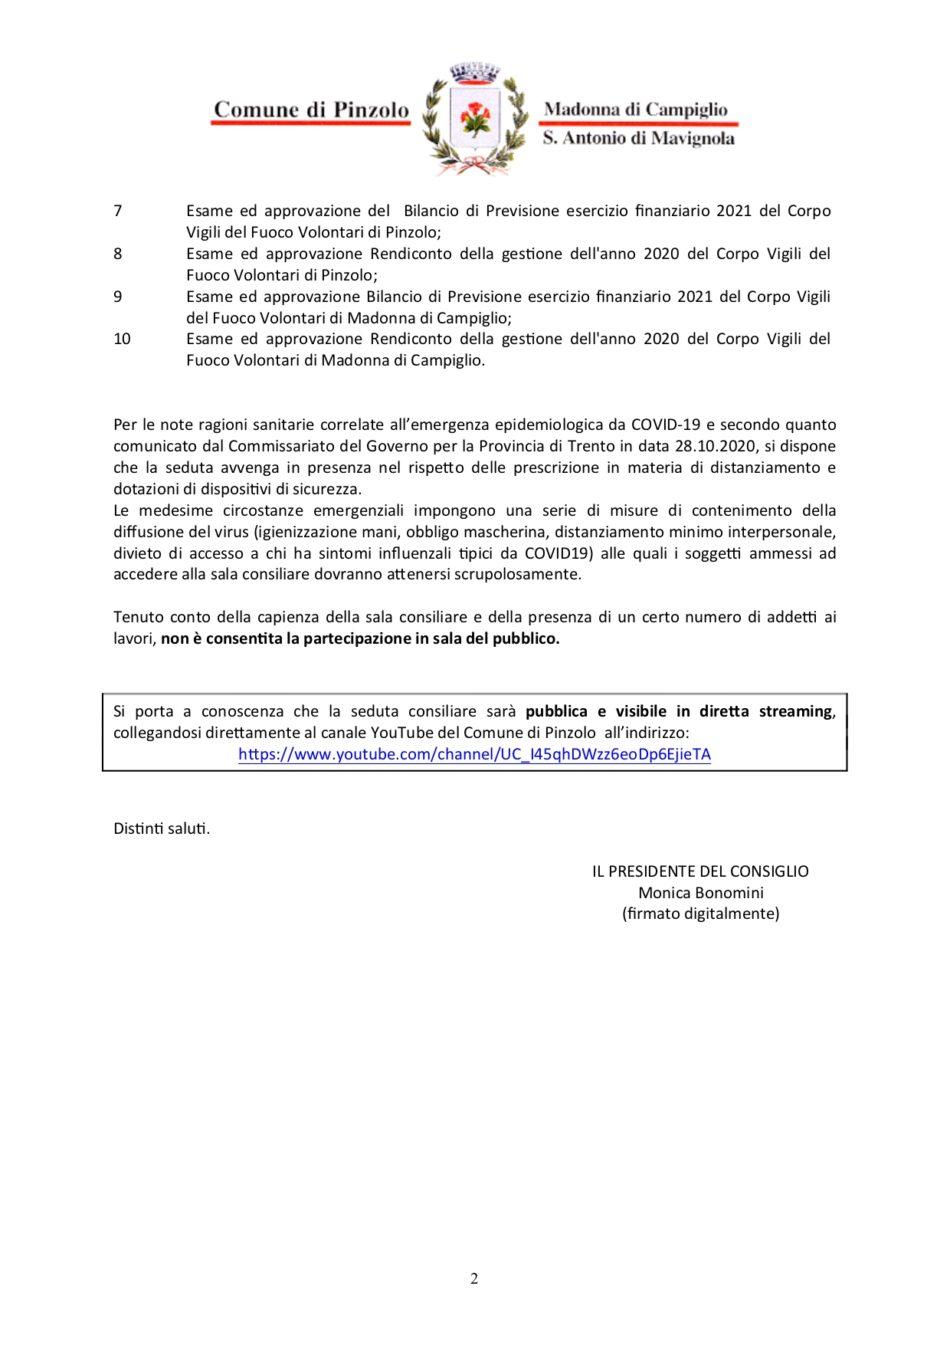 Convocazione del Consiglio comunale del 28 aprile 2021